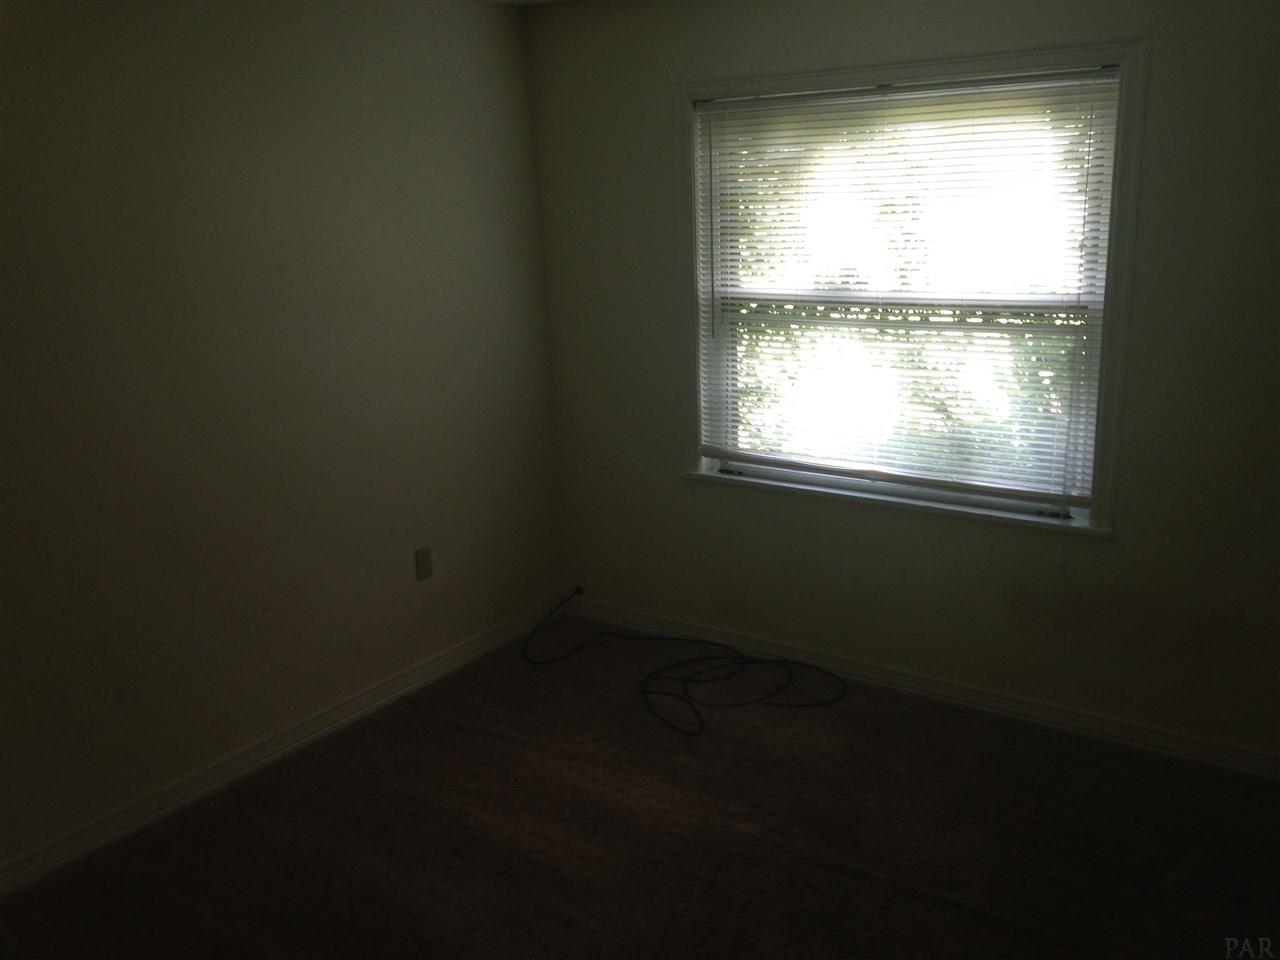 9475 Chumuckla Hwy, Milton, FL 32571